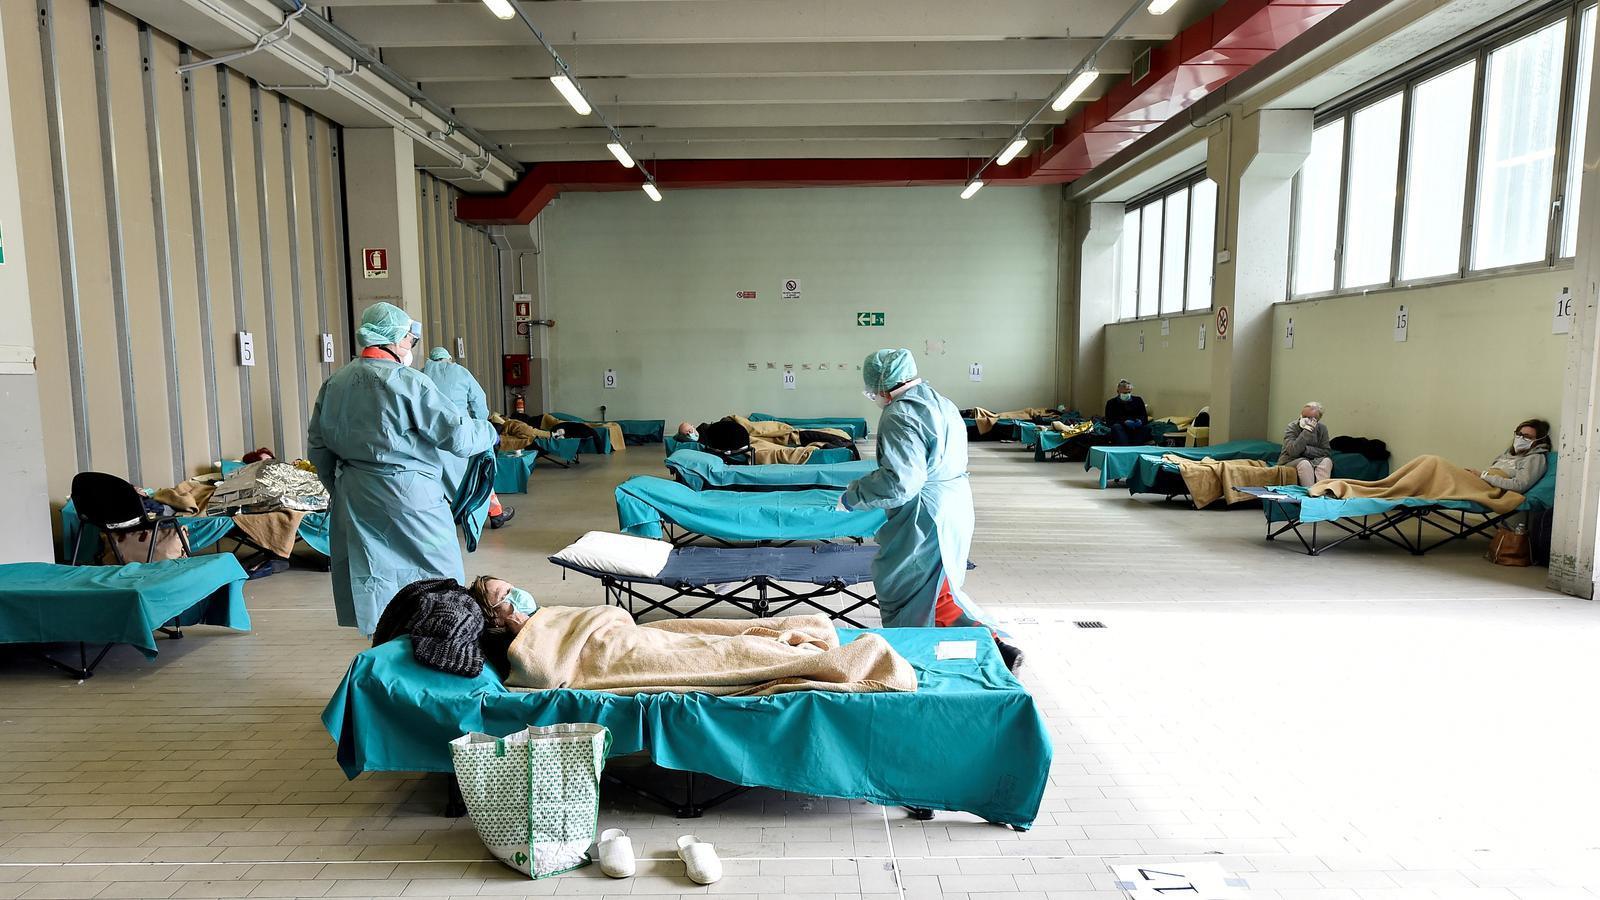 Personal mèdic ajudant els pacients a l'hospital Spedali Civili de Brescia, Itàlia